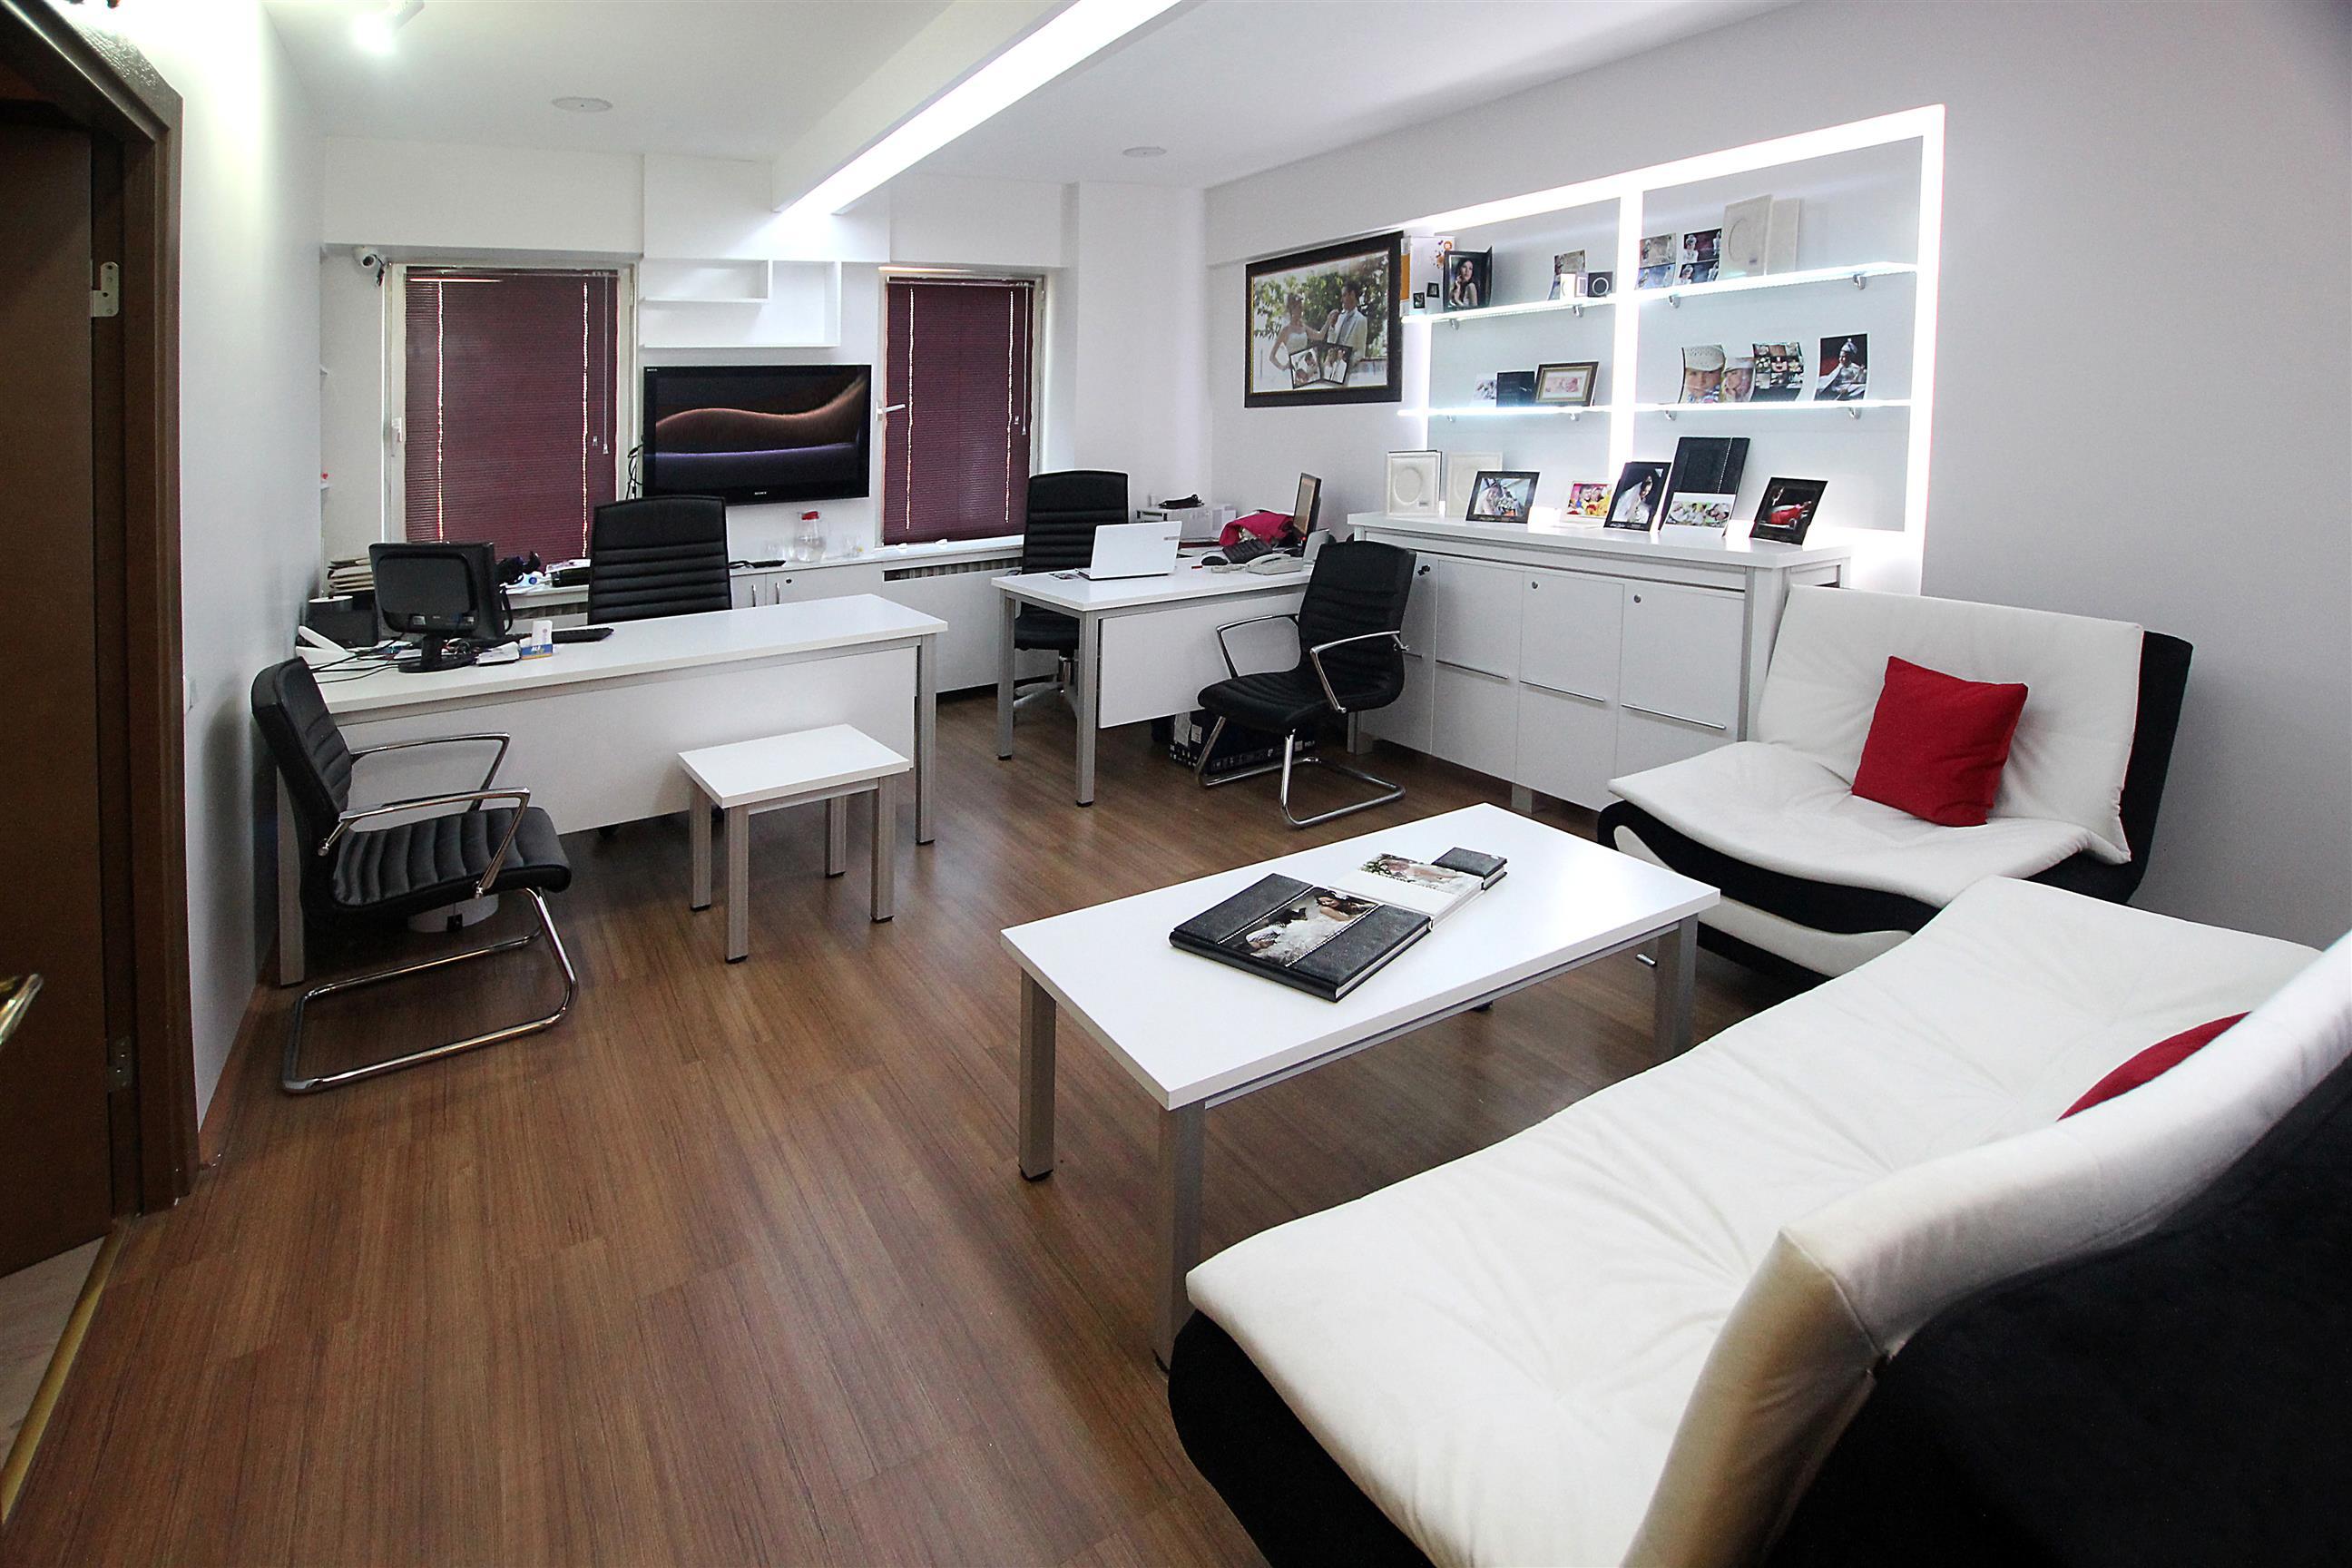 ftoğraf stüdyosu